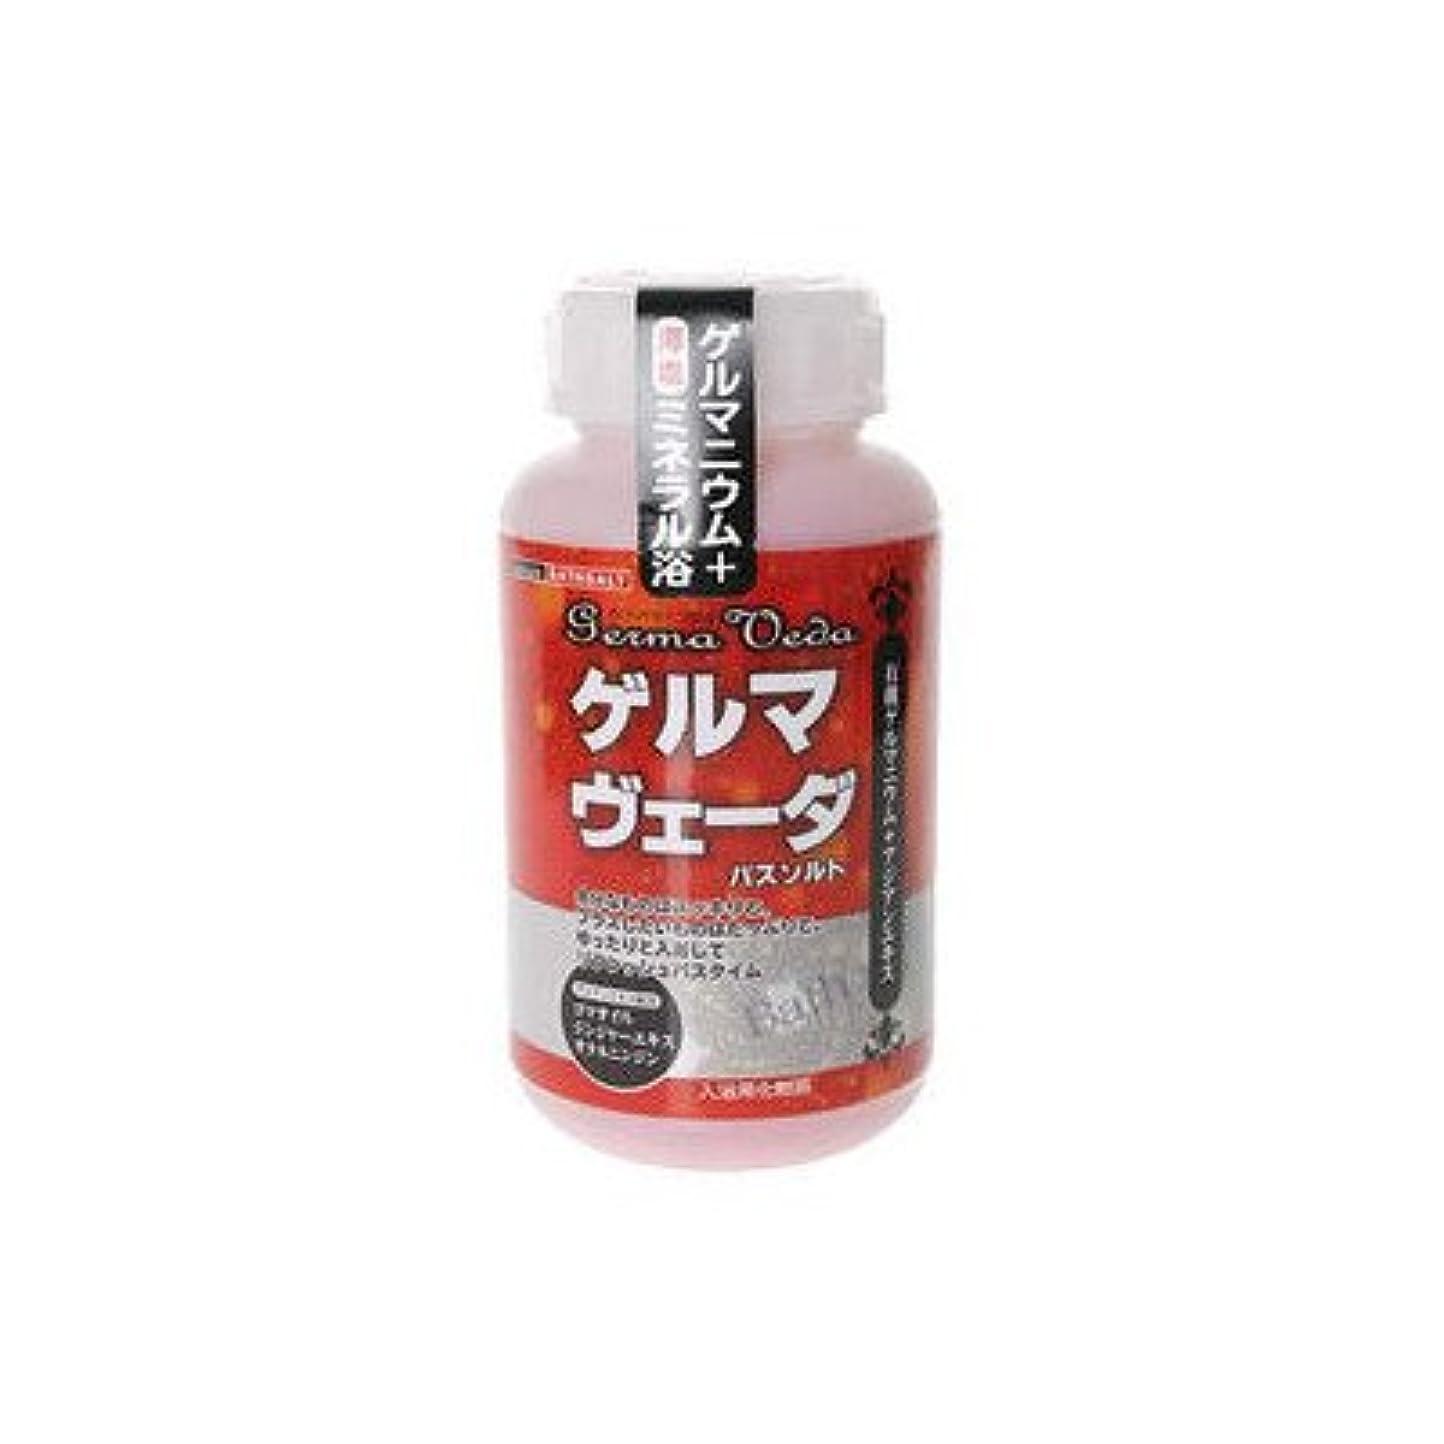 水没与える平日ゲルマヴェーダ(ゲルマニウム温浴) ボトル(630g) 6本